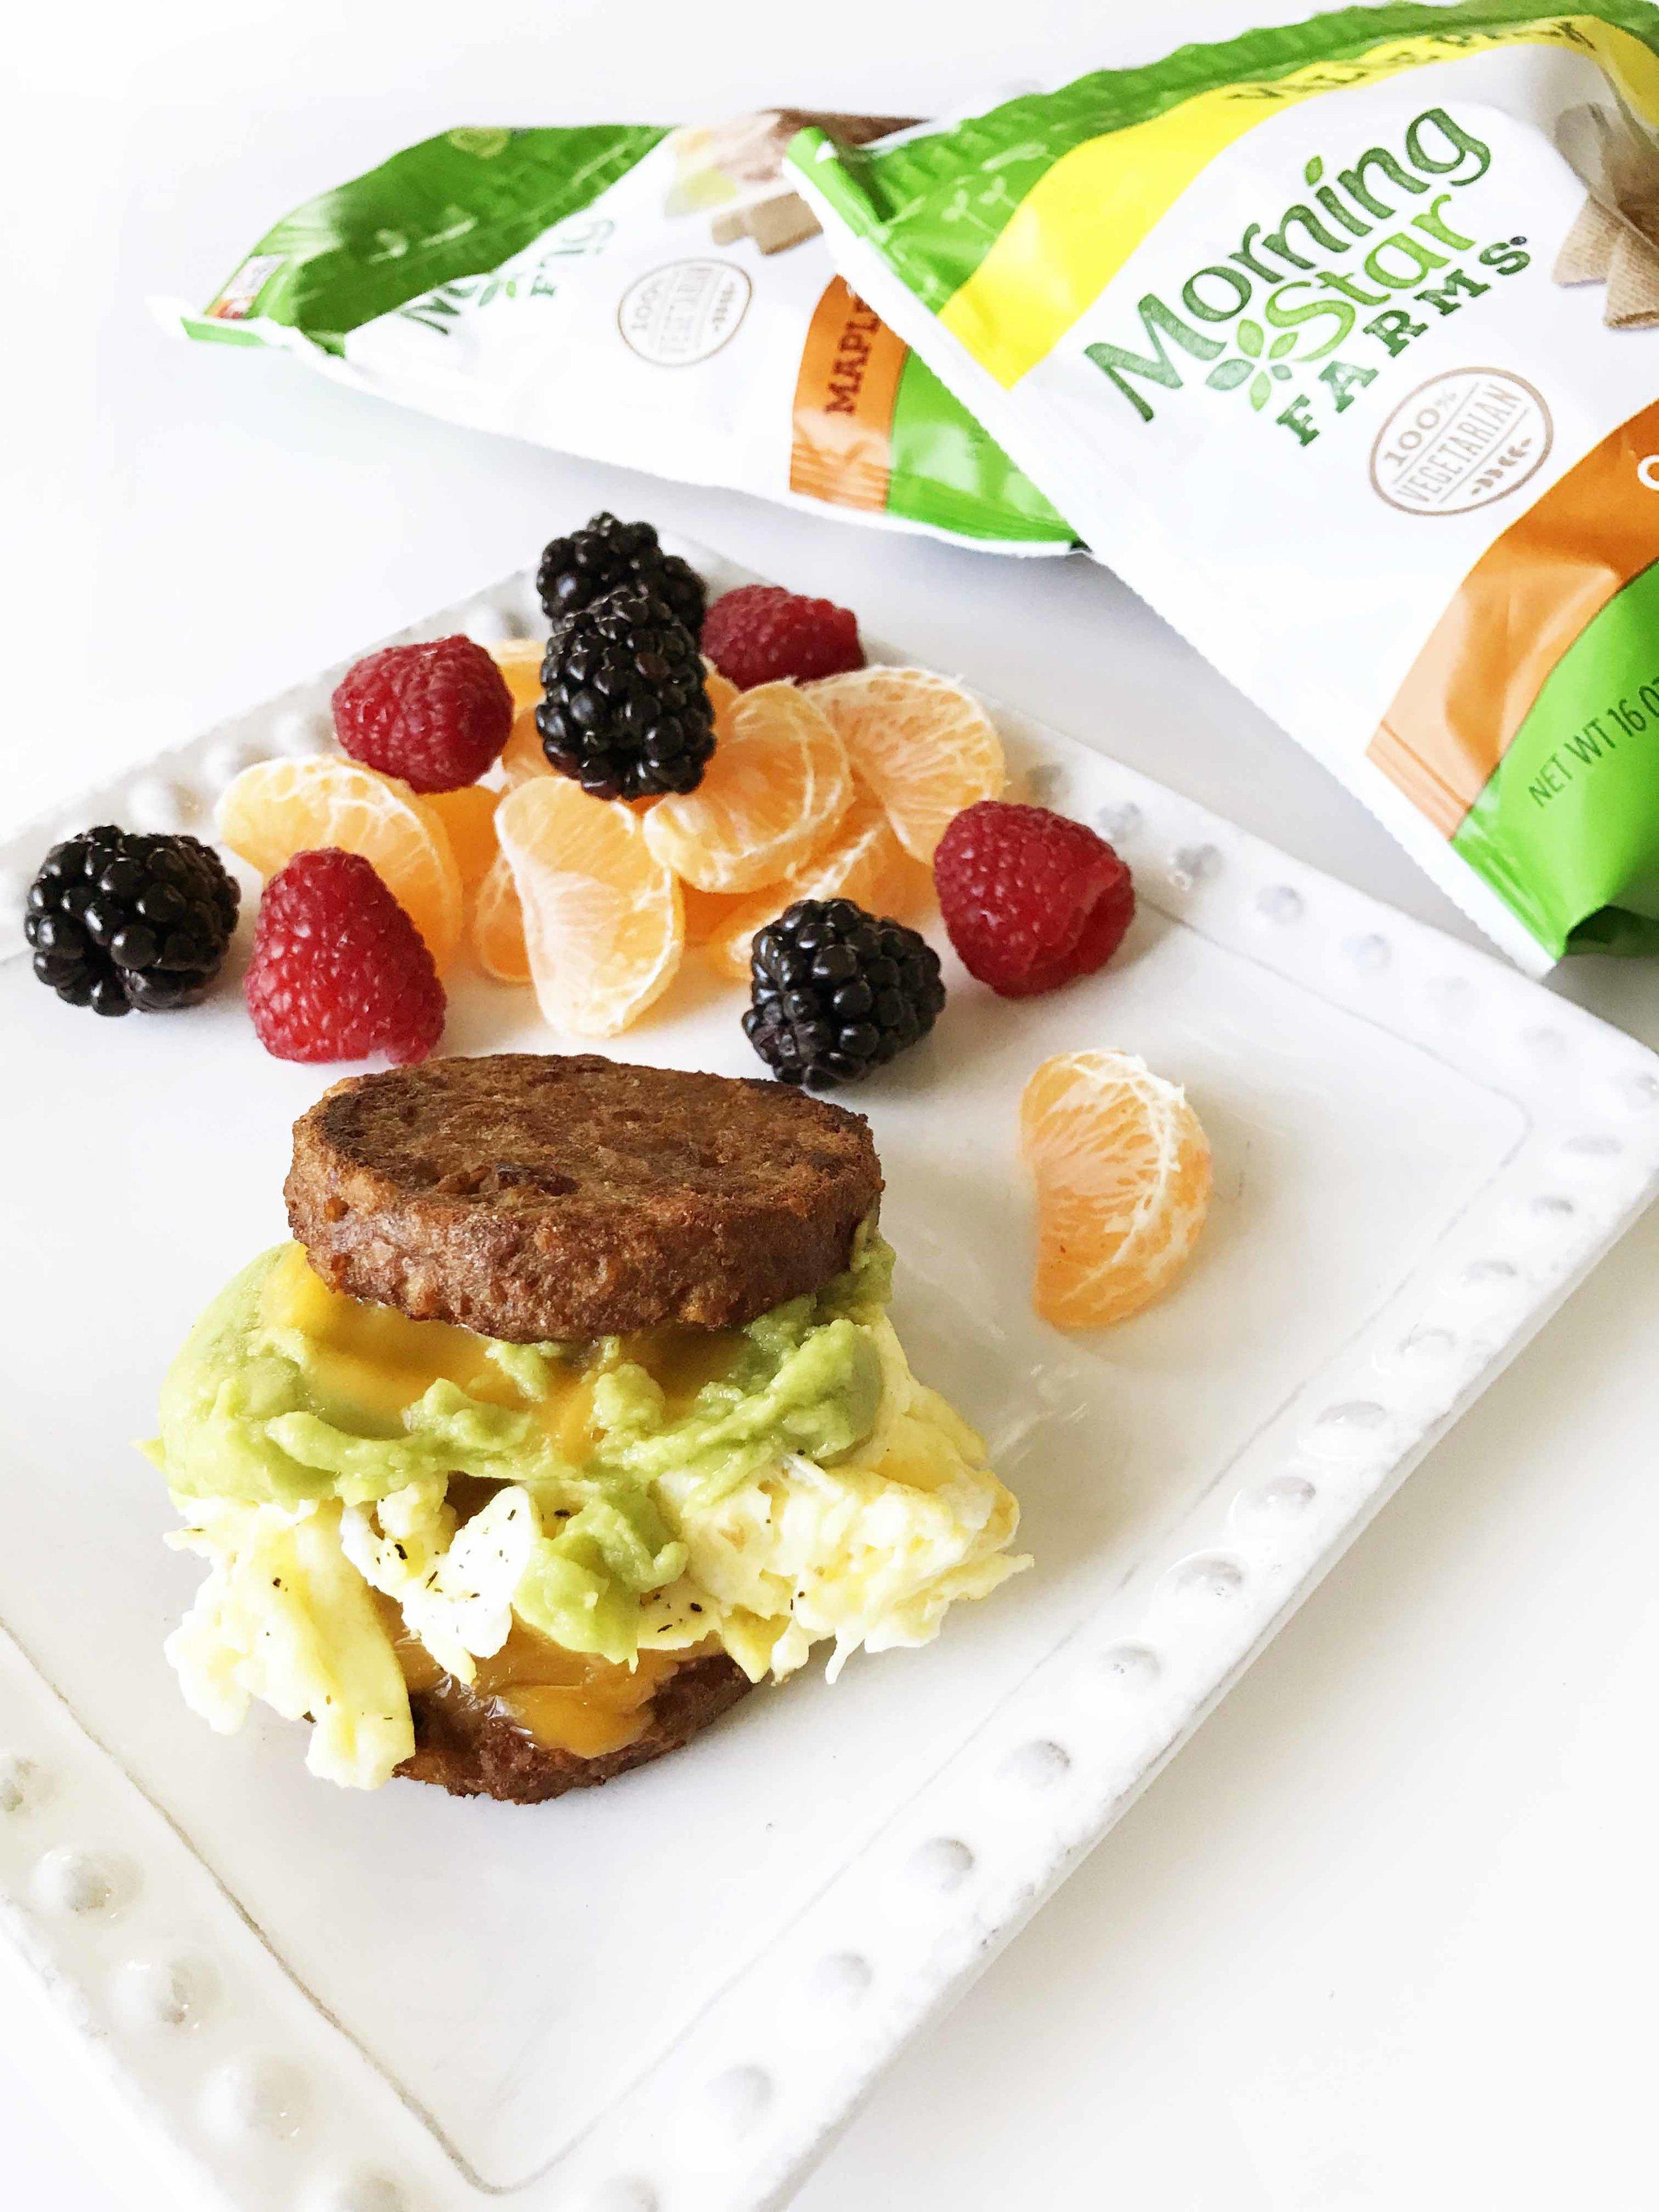 low-carb-breakfast-sandwich3.jpg